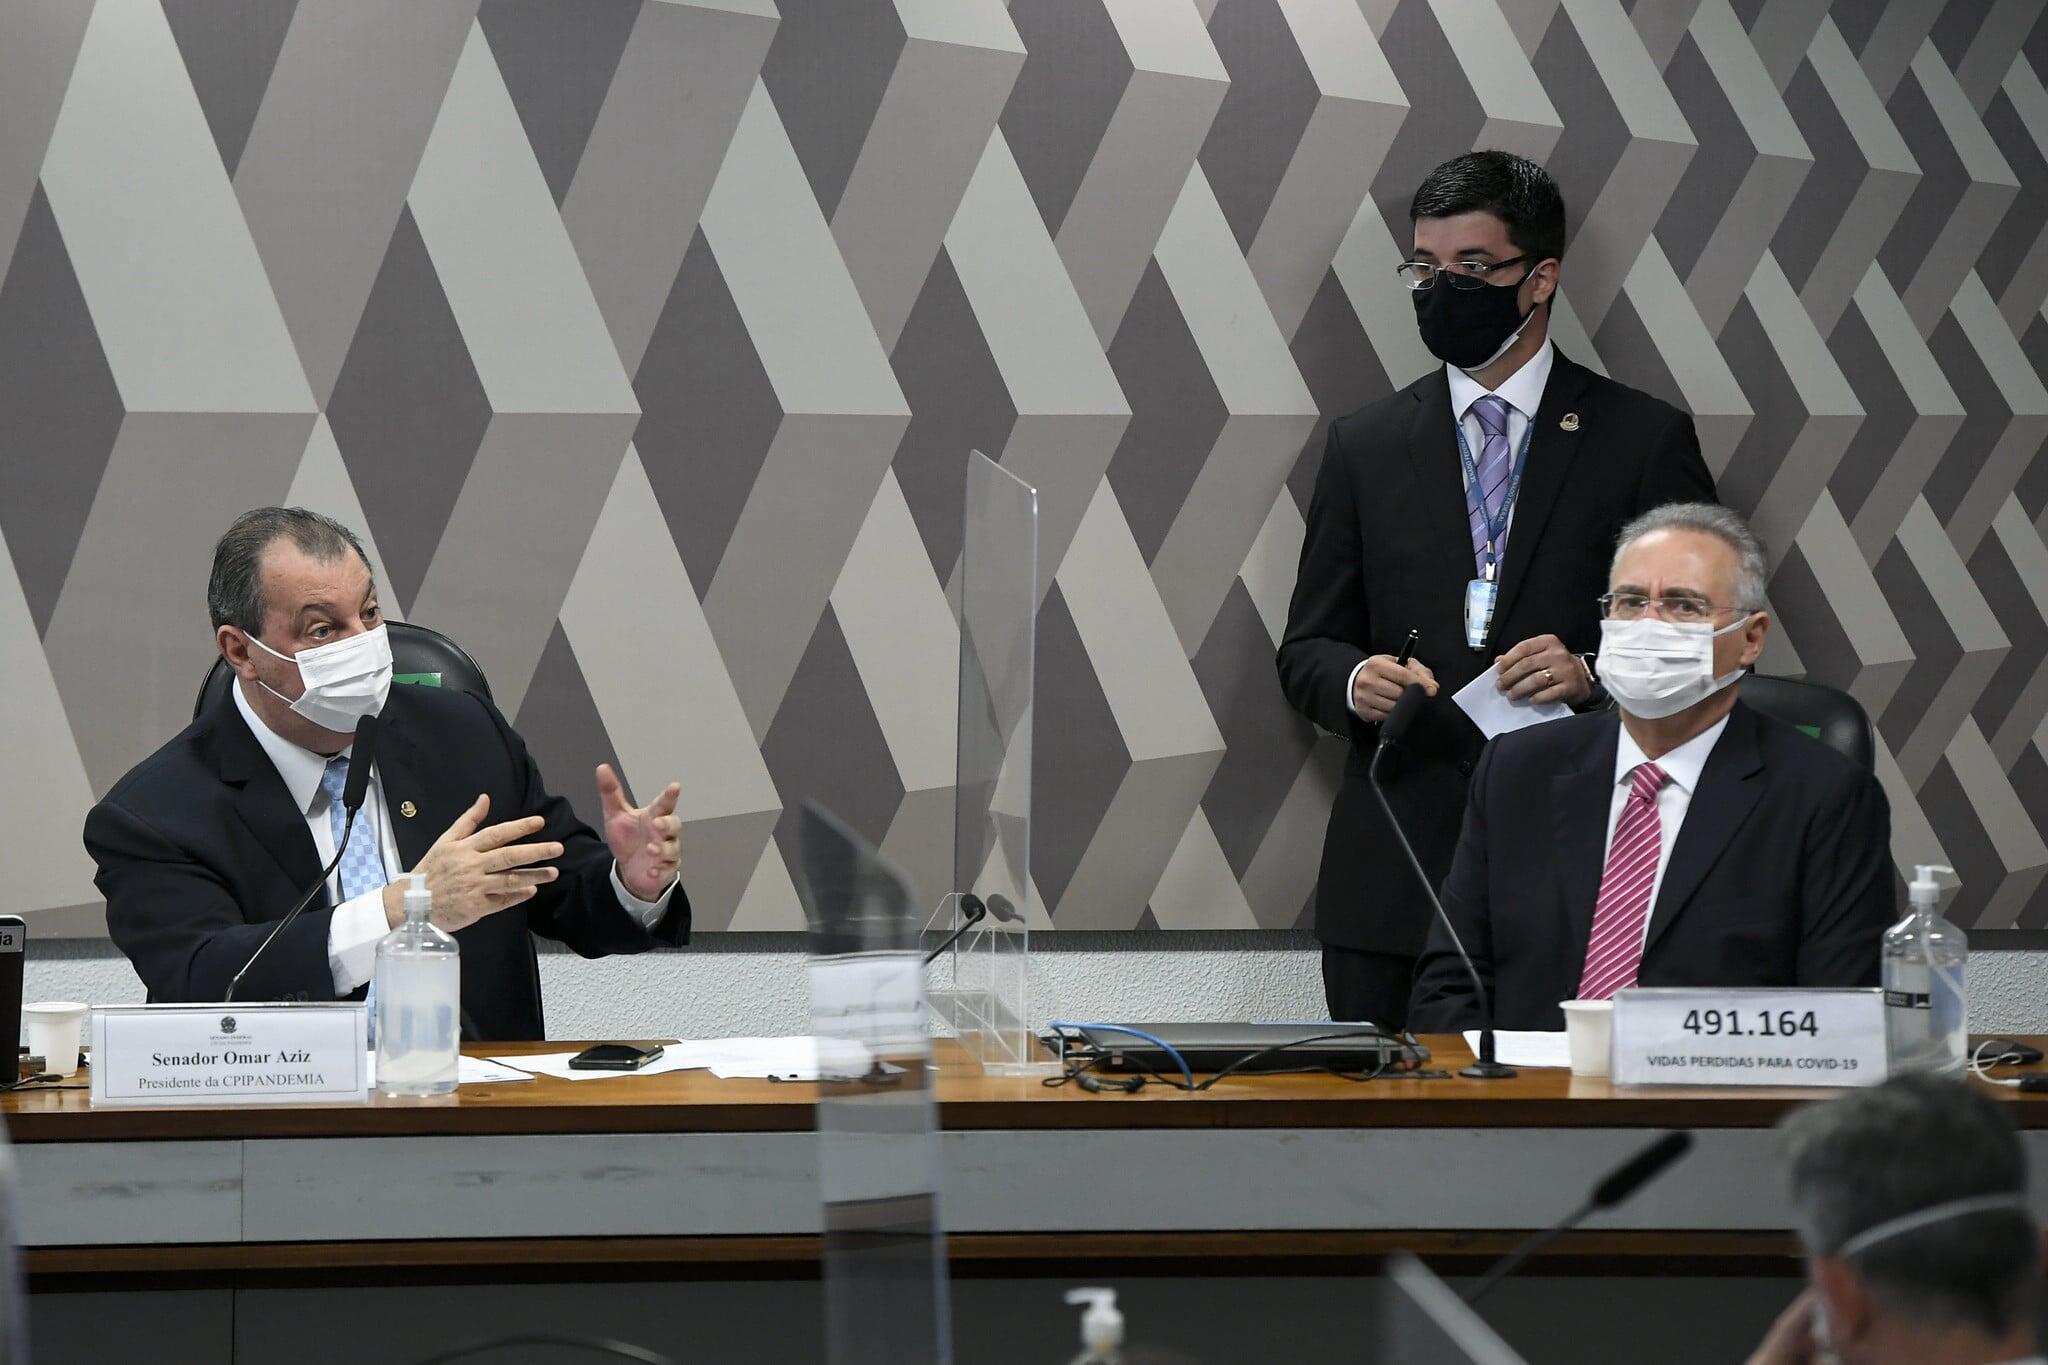 O presidente da CPI da Covid-19, senador Omar Aziz (PSD-AM), e o senador Renan Calheiros (MDB-AL), à direita, relator da comissão.